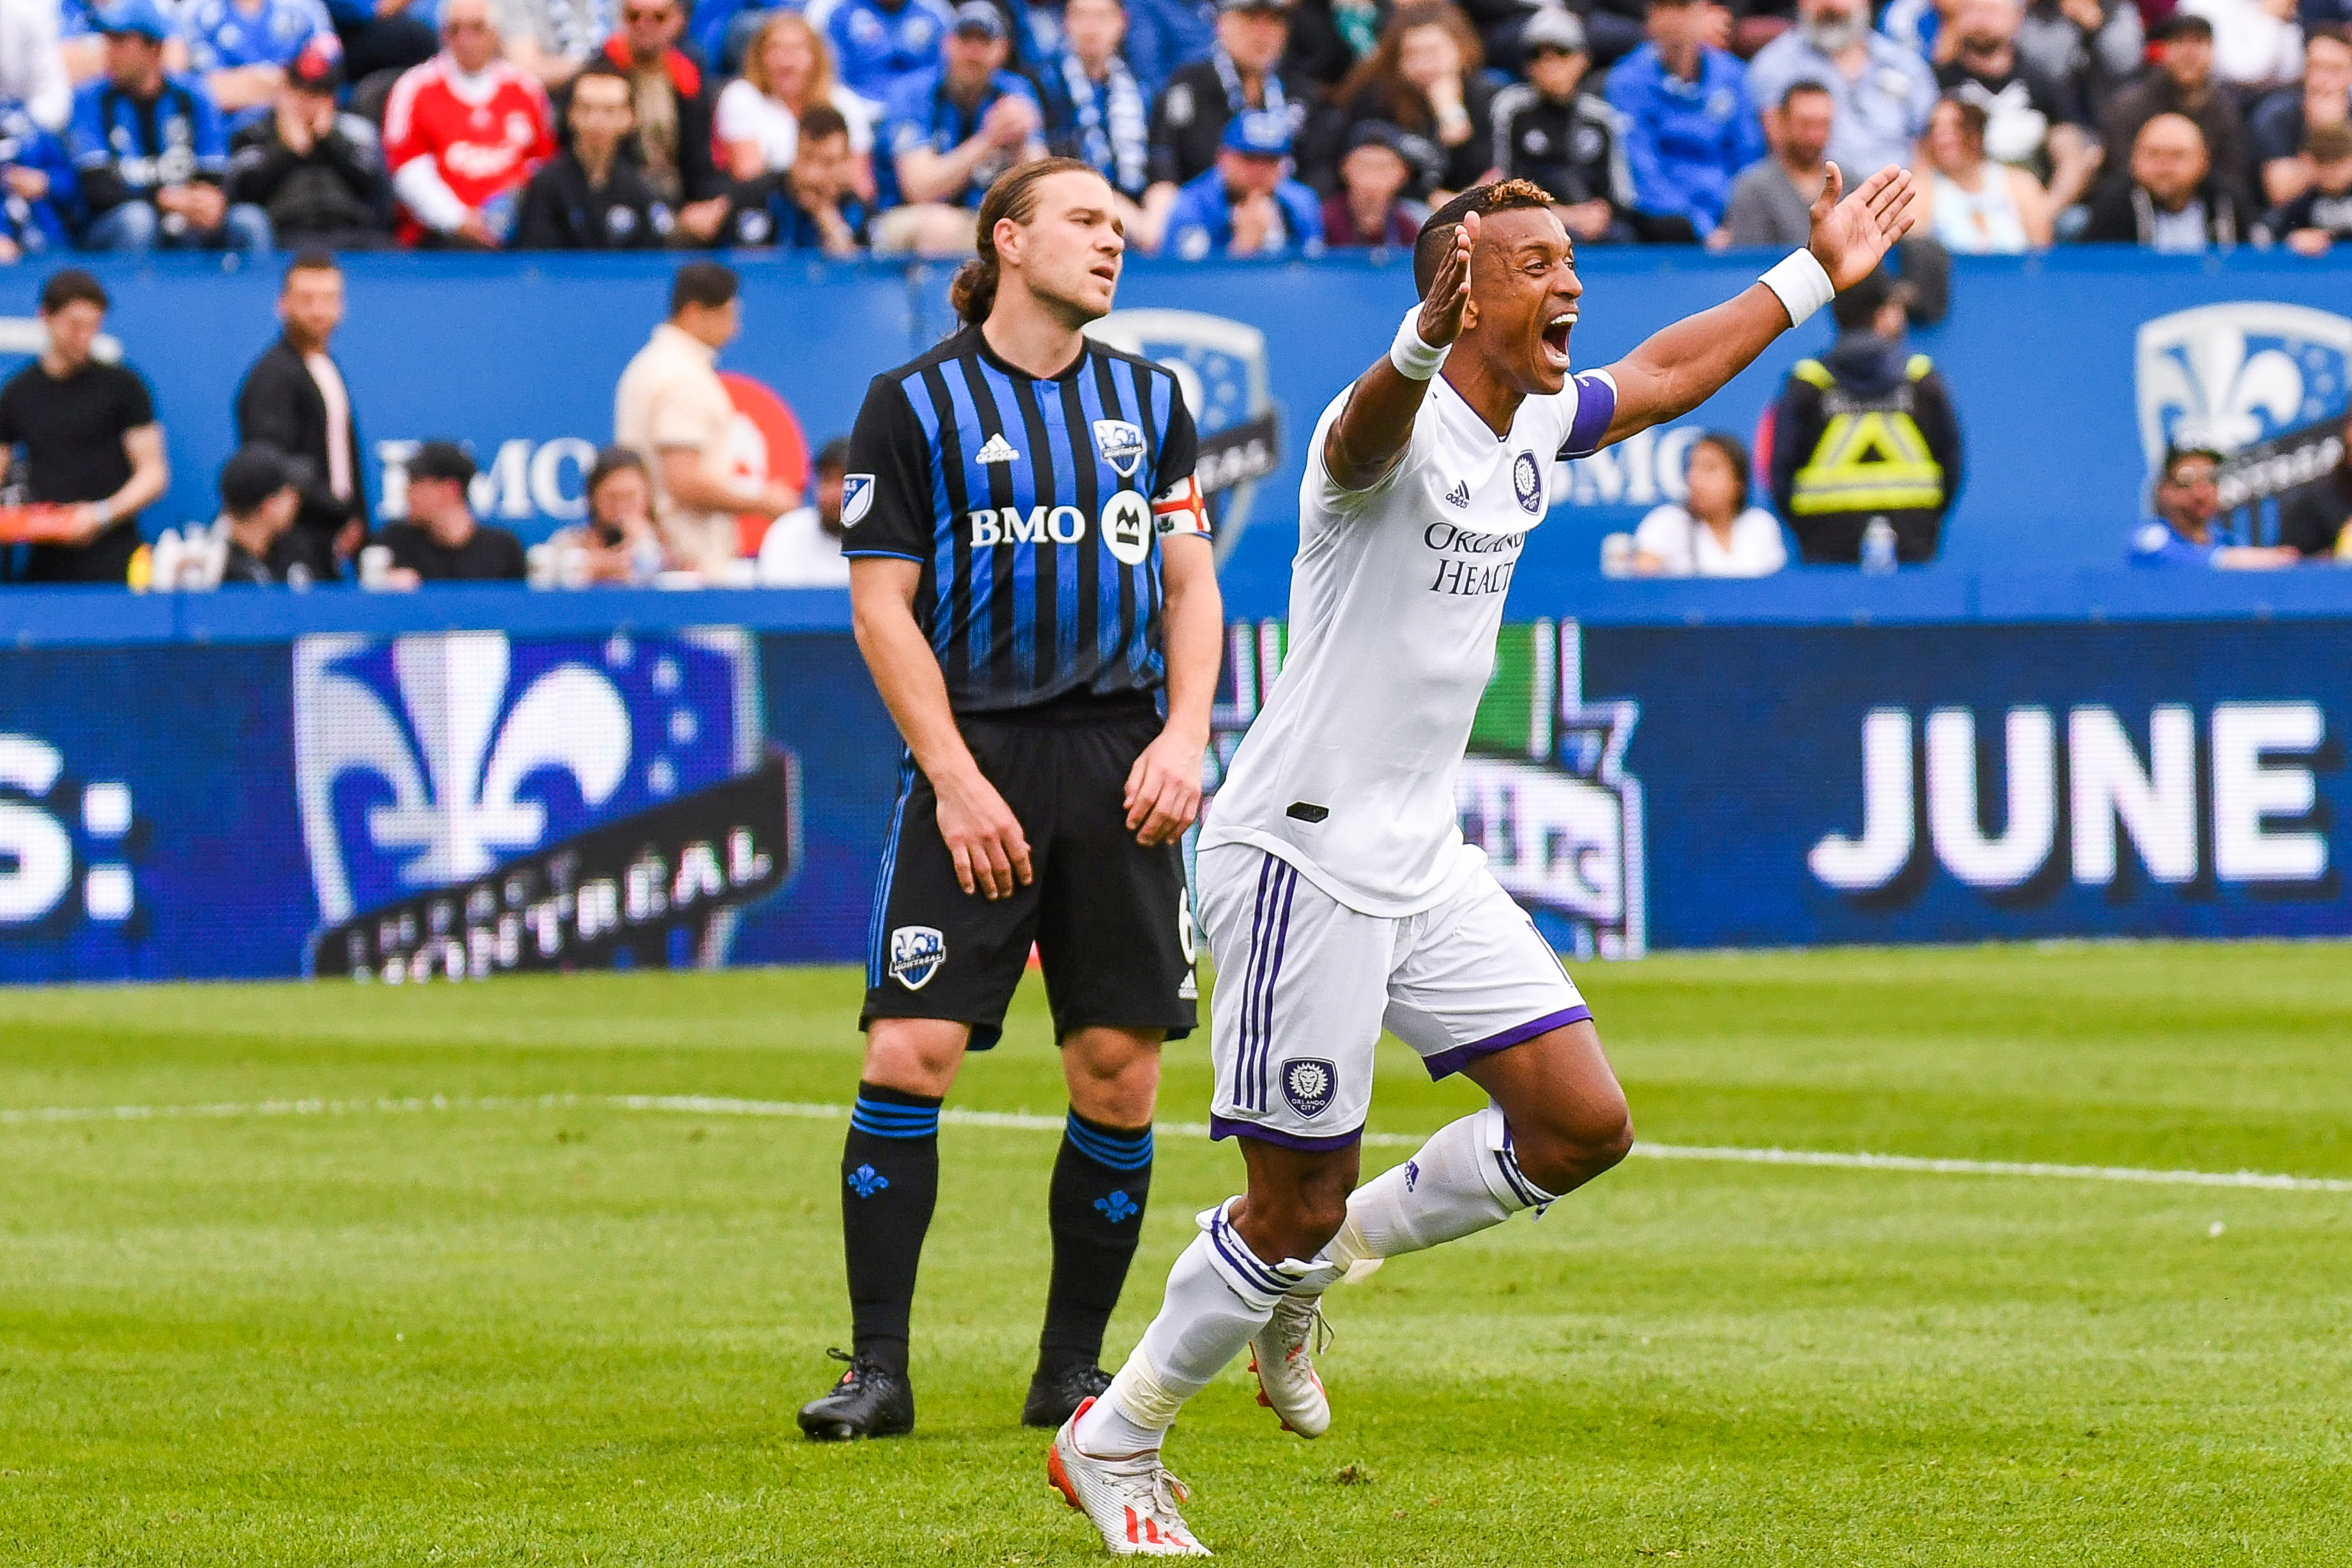 SOCCER: JUN 01 MLS - Orlando City SC at Montreal Impact